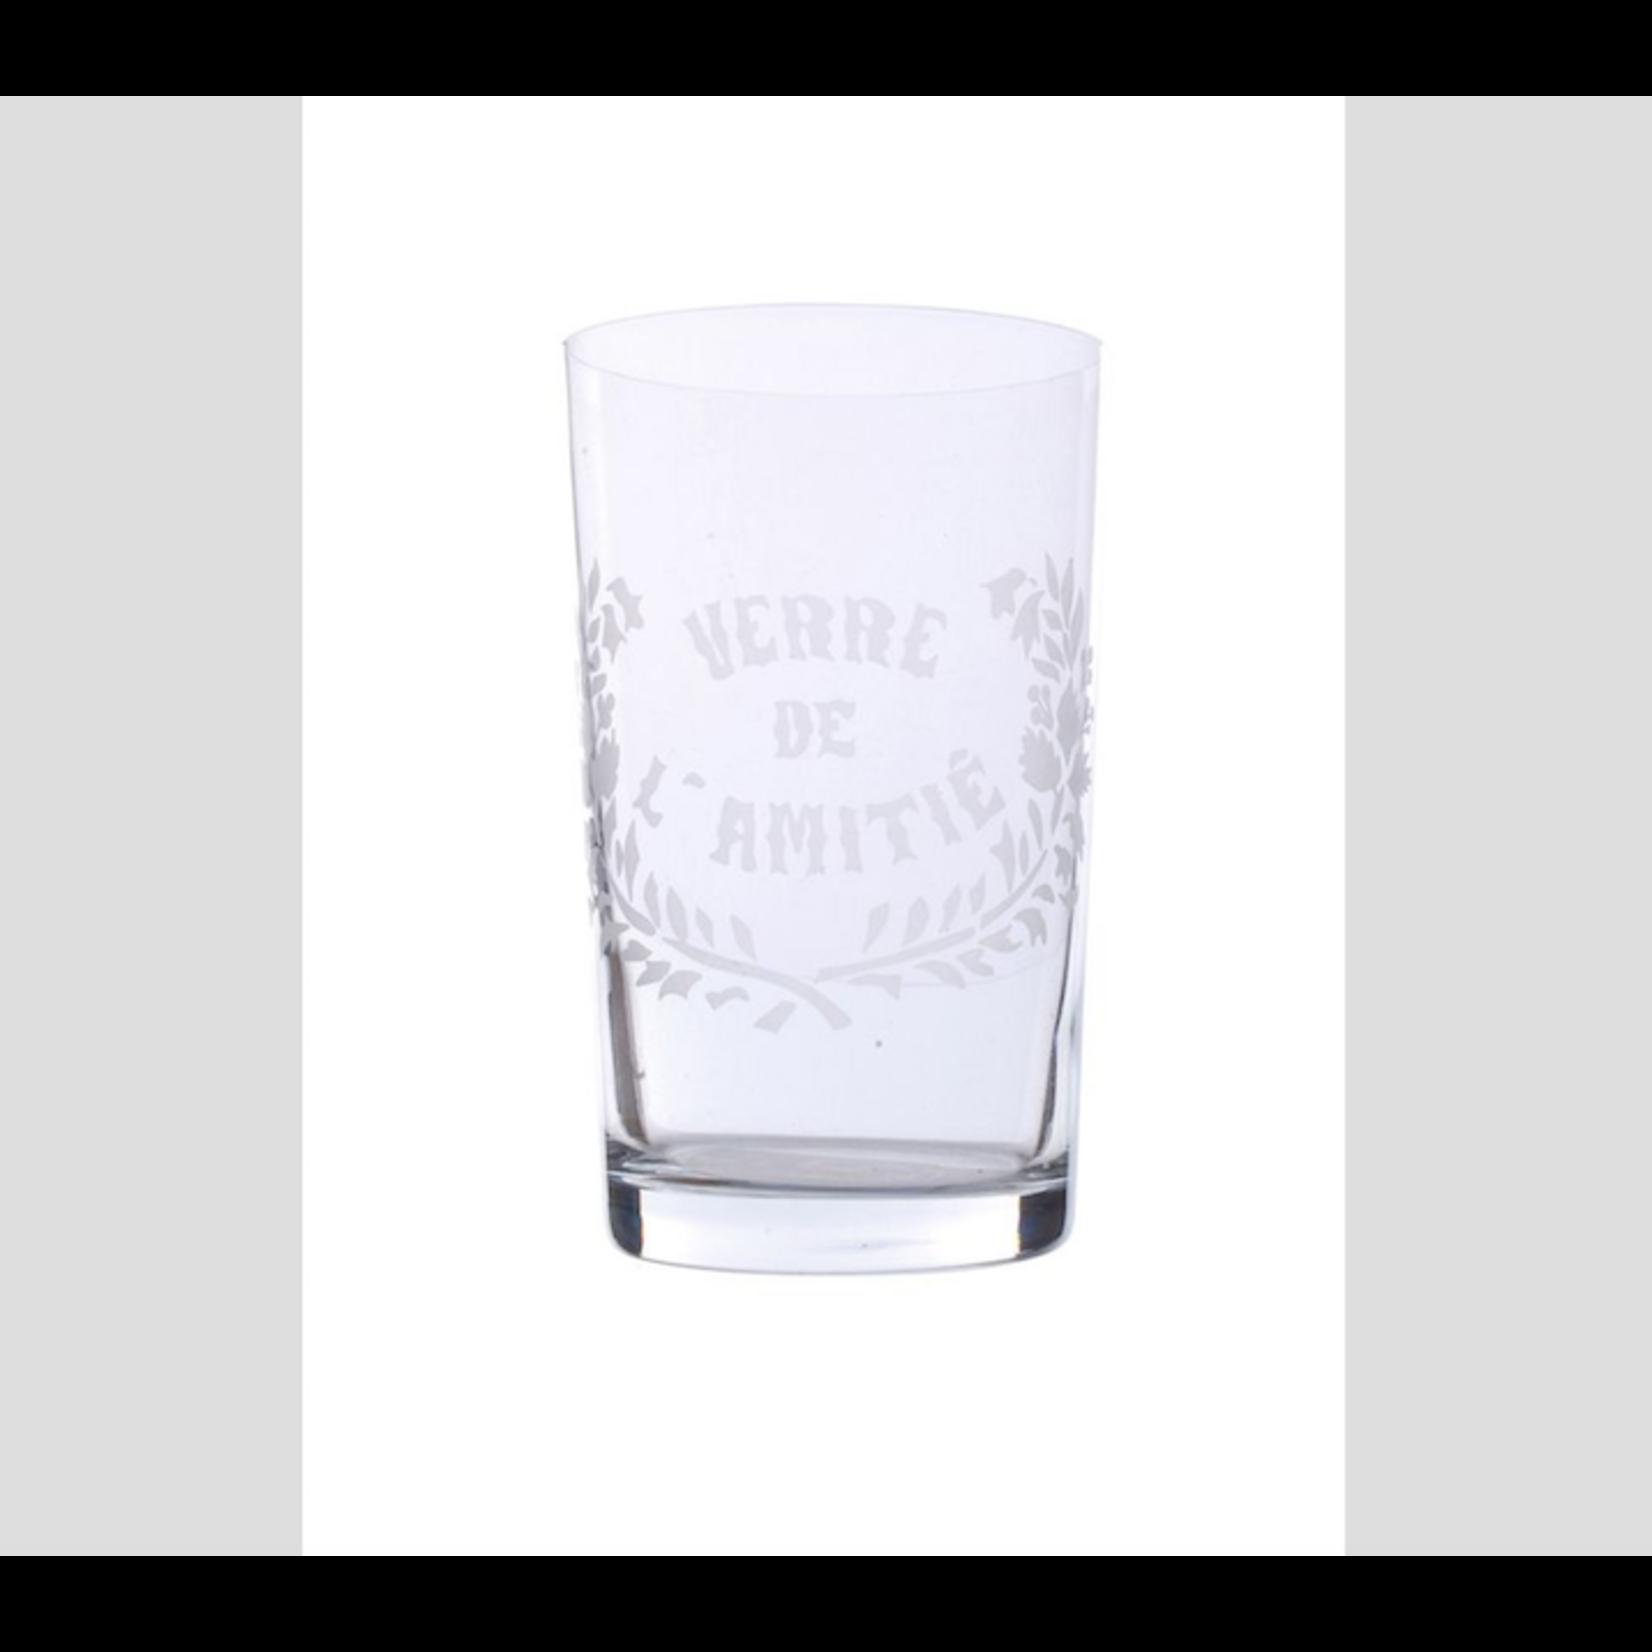 CHEHOMA Verre de l'amitie'straight glass